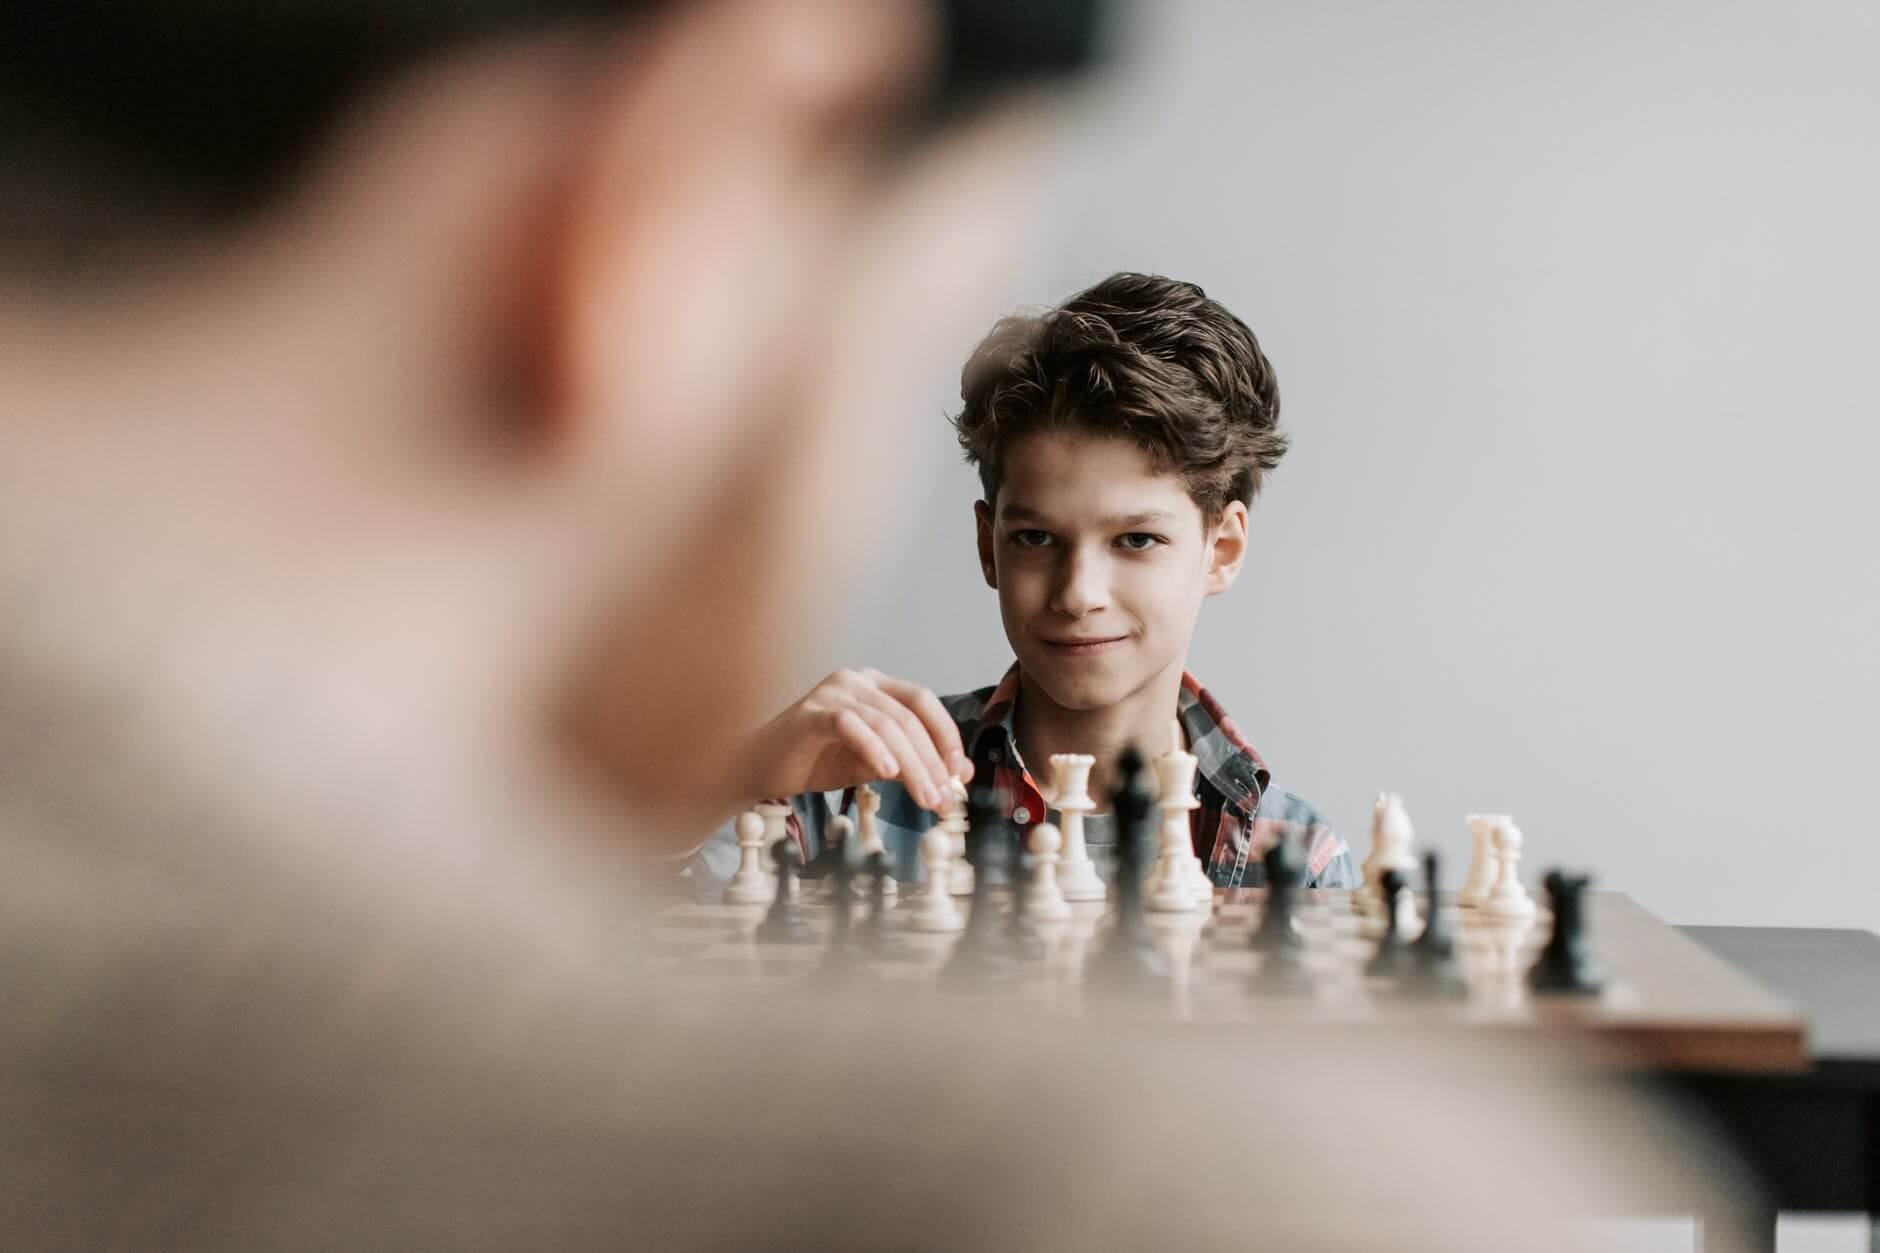 Триває набір у шахову секцію та гурток для дітей: чому варто туди потрапити?